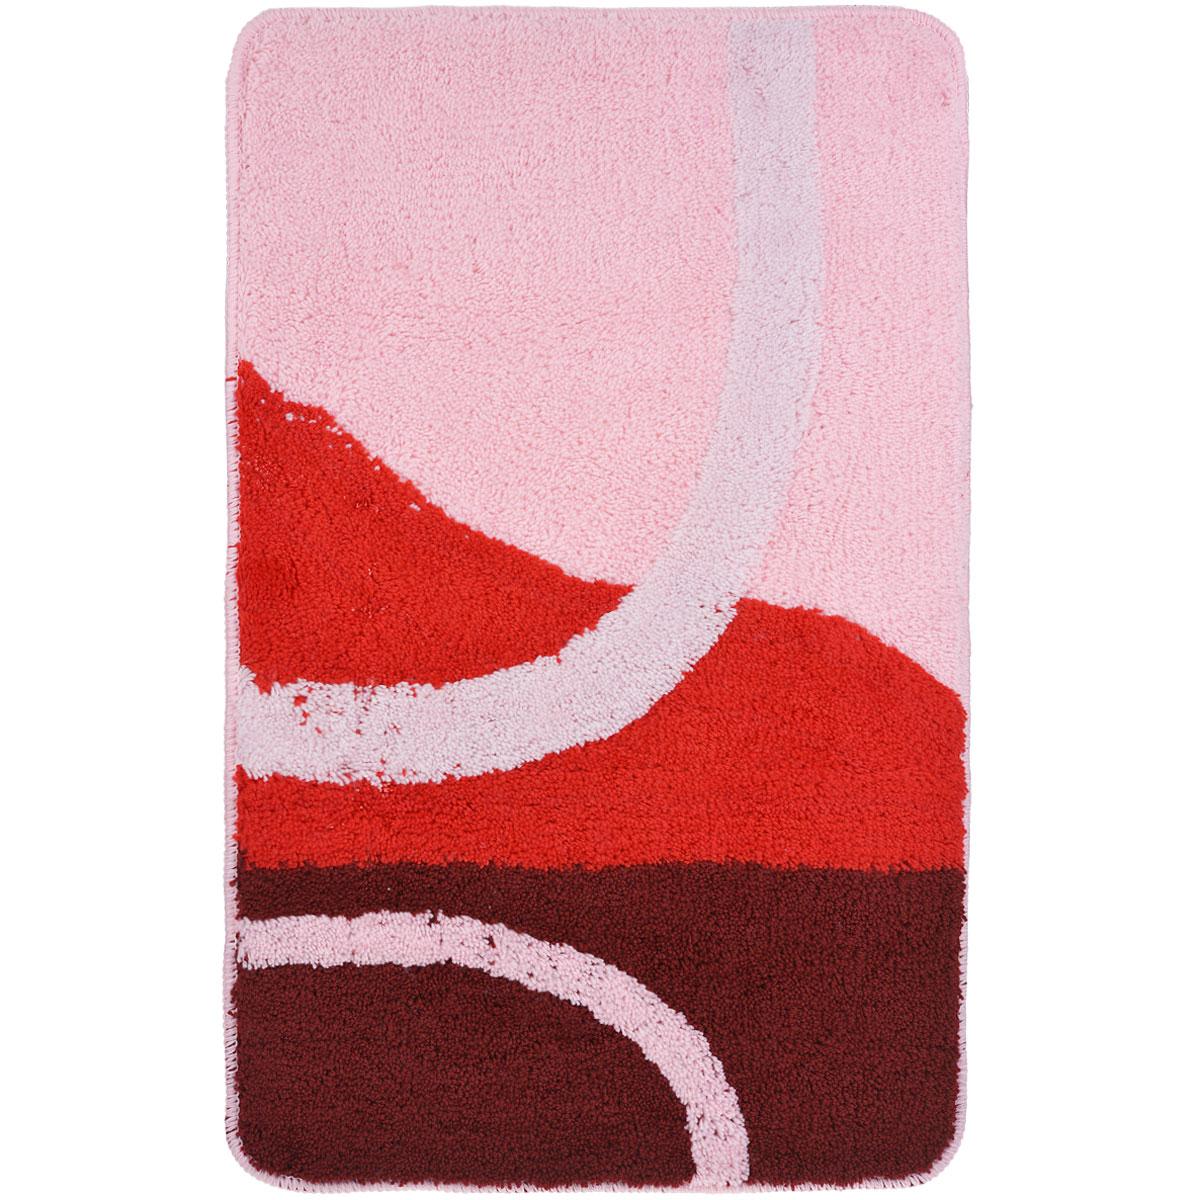 Коврик для ванной комнаты Fresh Code, цвет: розовый, 80 х 50 см54930Коврик для ванной Fresh Code изготовлен из 100% акрила с латексной основой. Коврик, украшенный ярким цветным рисунком, создаст уют и комфорт в ванной комнате. Длинный ворс мягко соприкасается с кожей стоп, вызывая только приятные ощущения. Рекомендации по уходу: - стирать в ручном режиме, - не использовать отбеливатели, - не гладить,- не подходит для сухой чистки (химчистки).